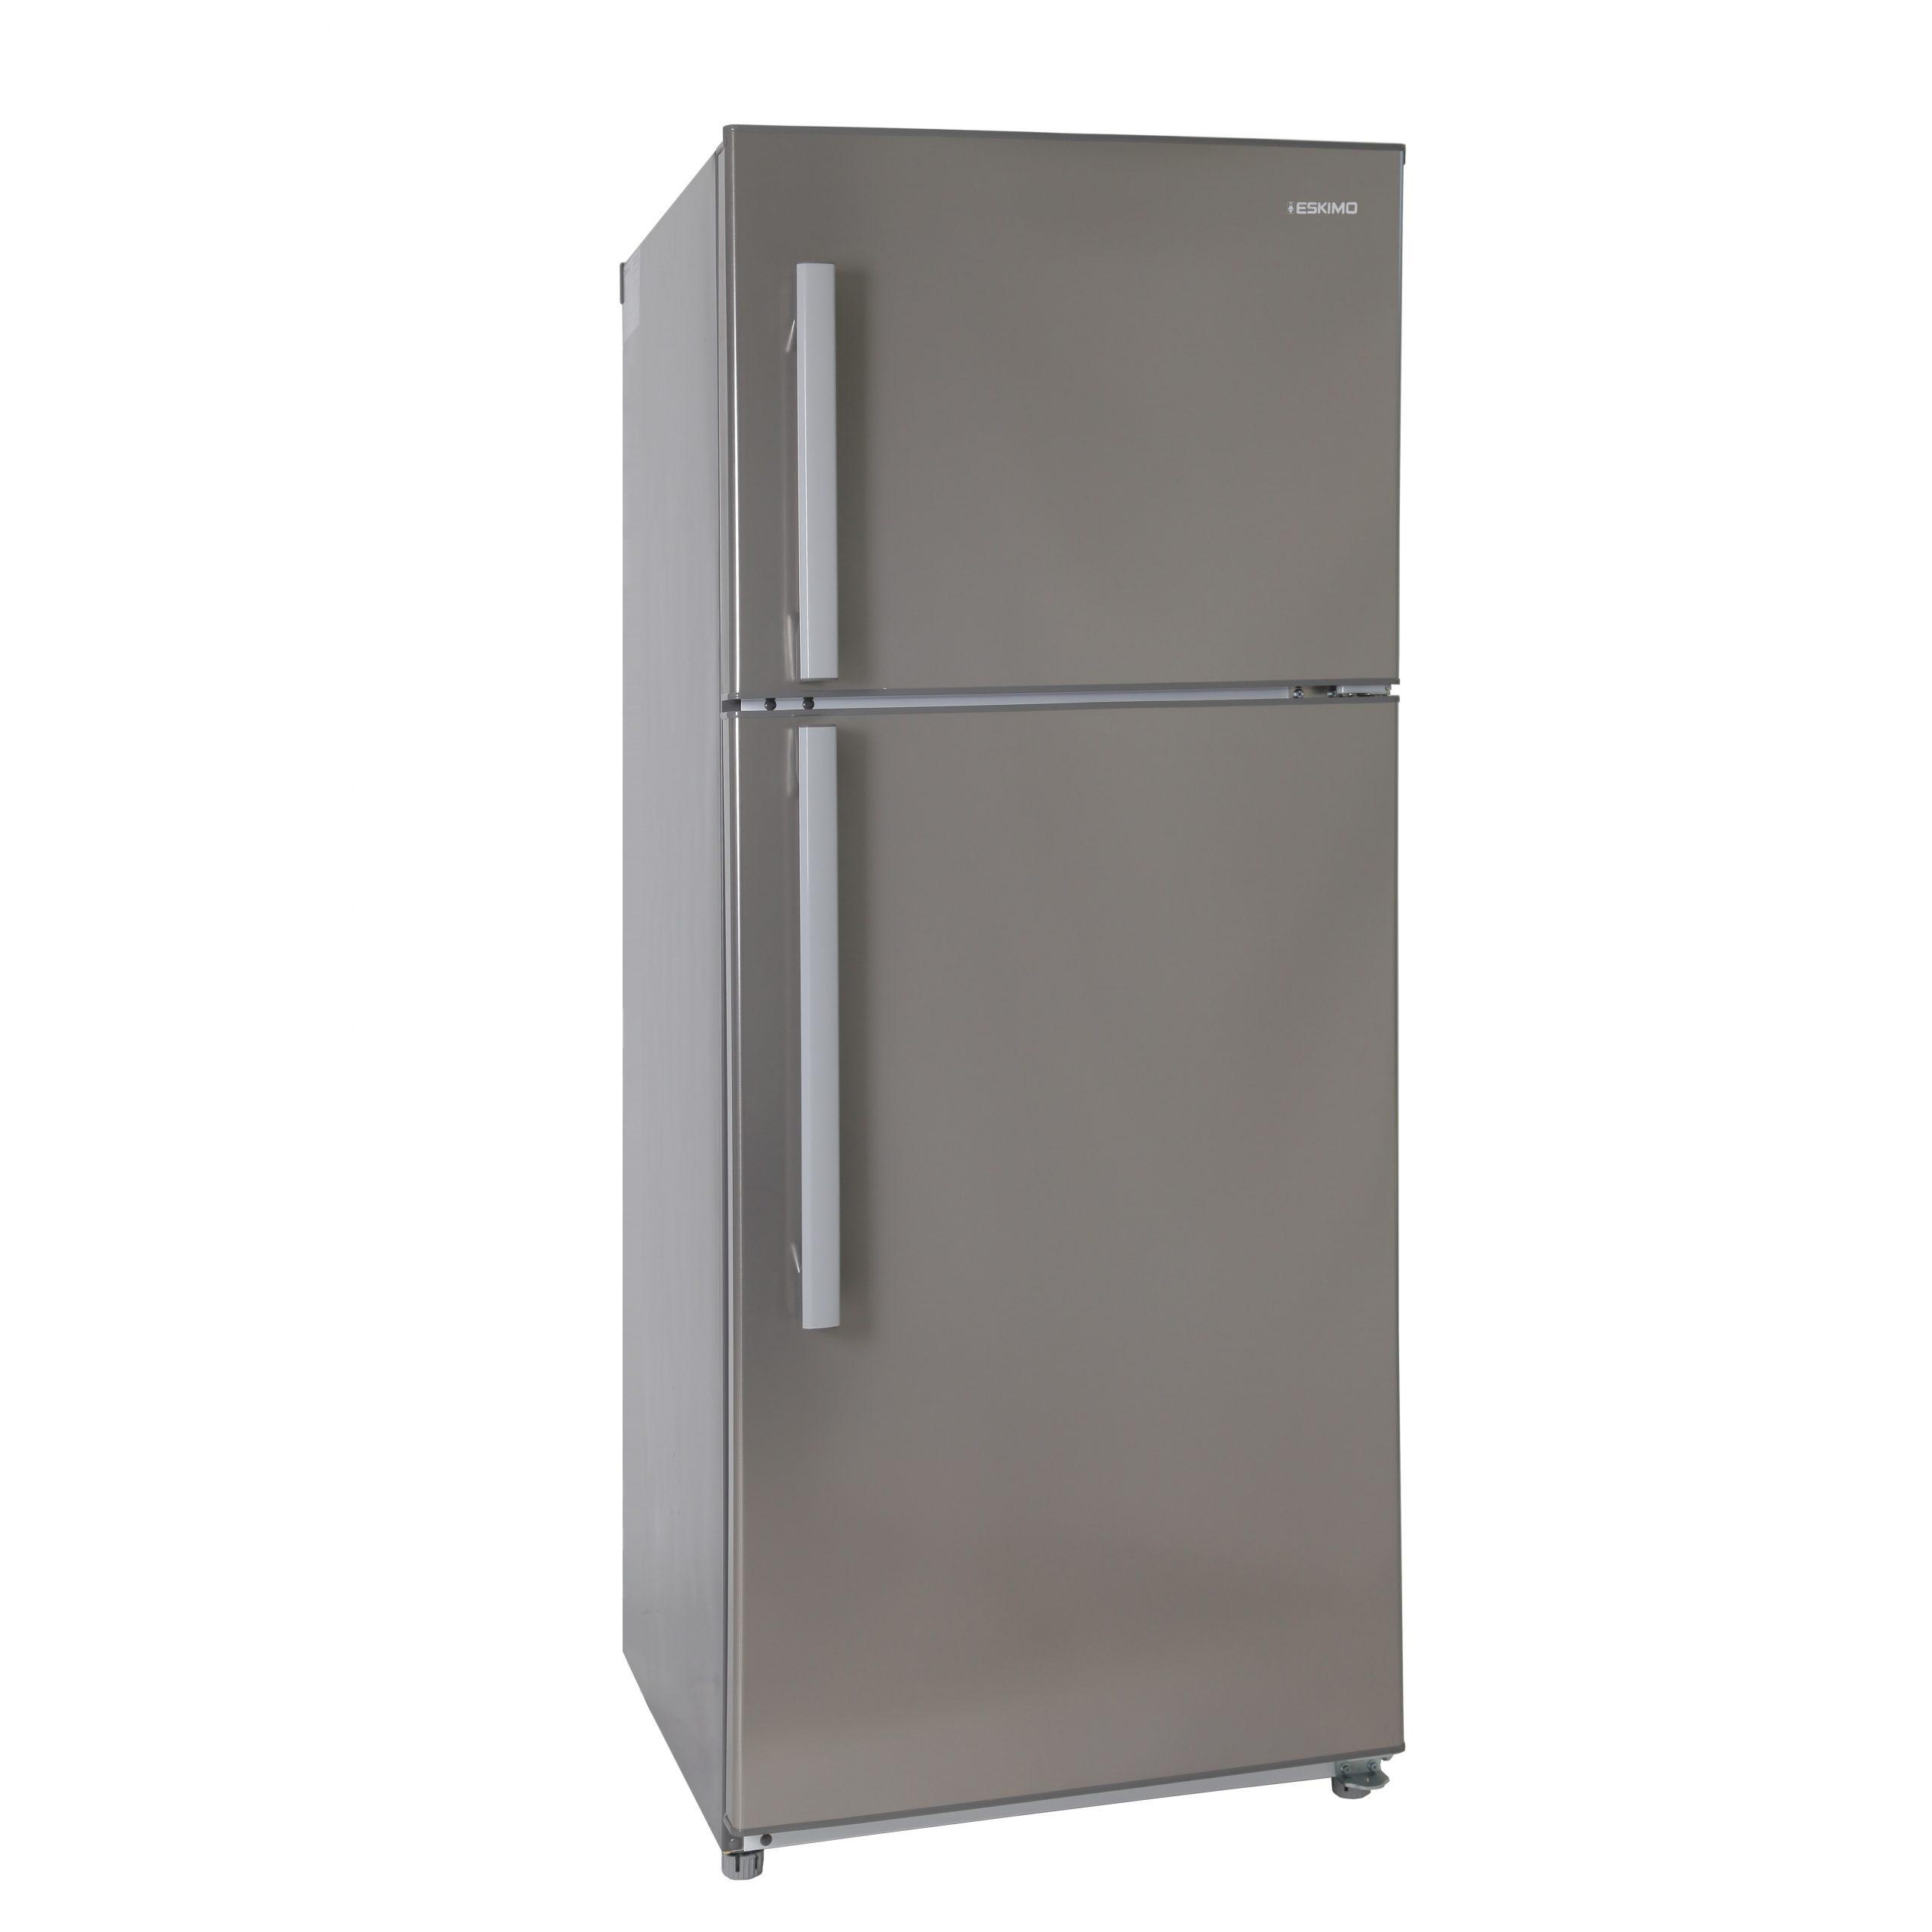 Eskimo Δίπορτο Ψυγείο ES 8371 NF IN